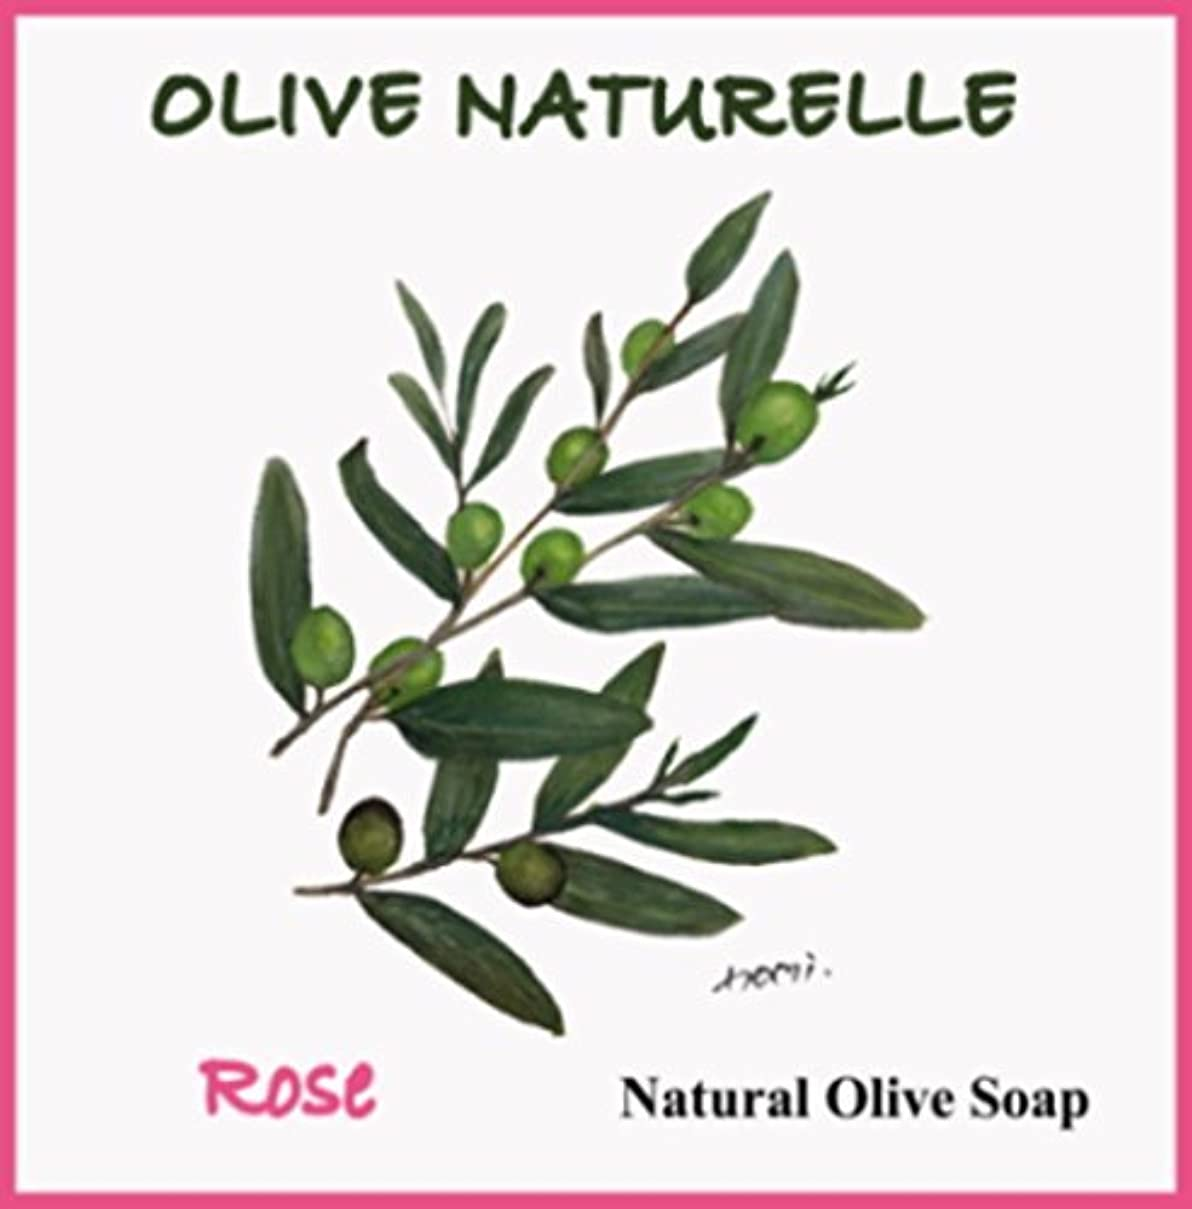 Olive Naturelle Rose Soap Bar